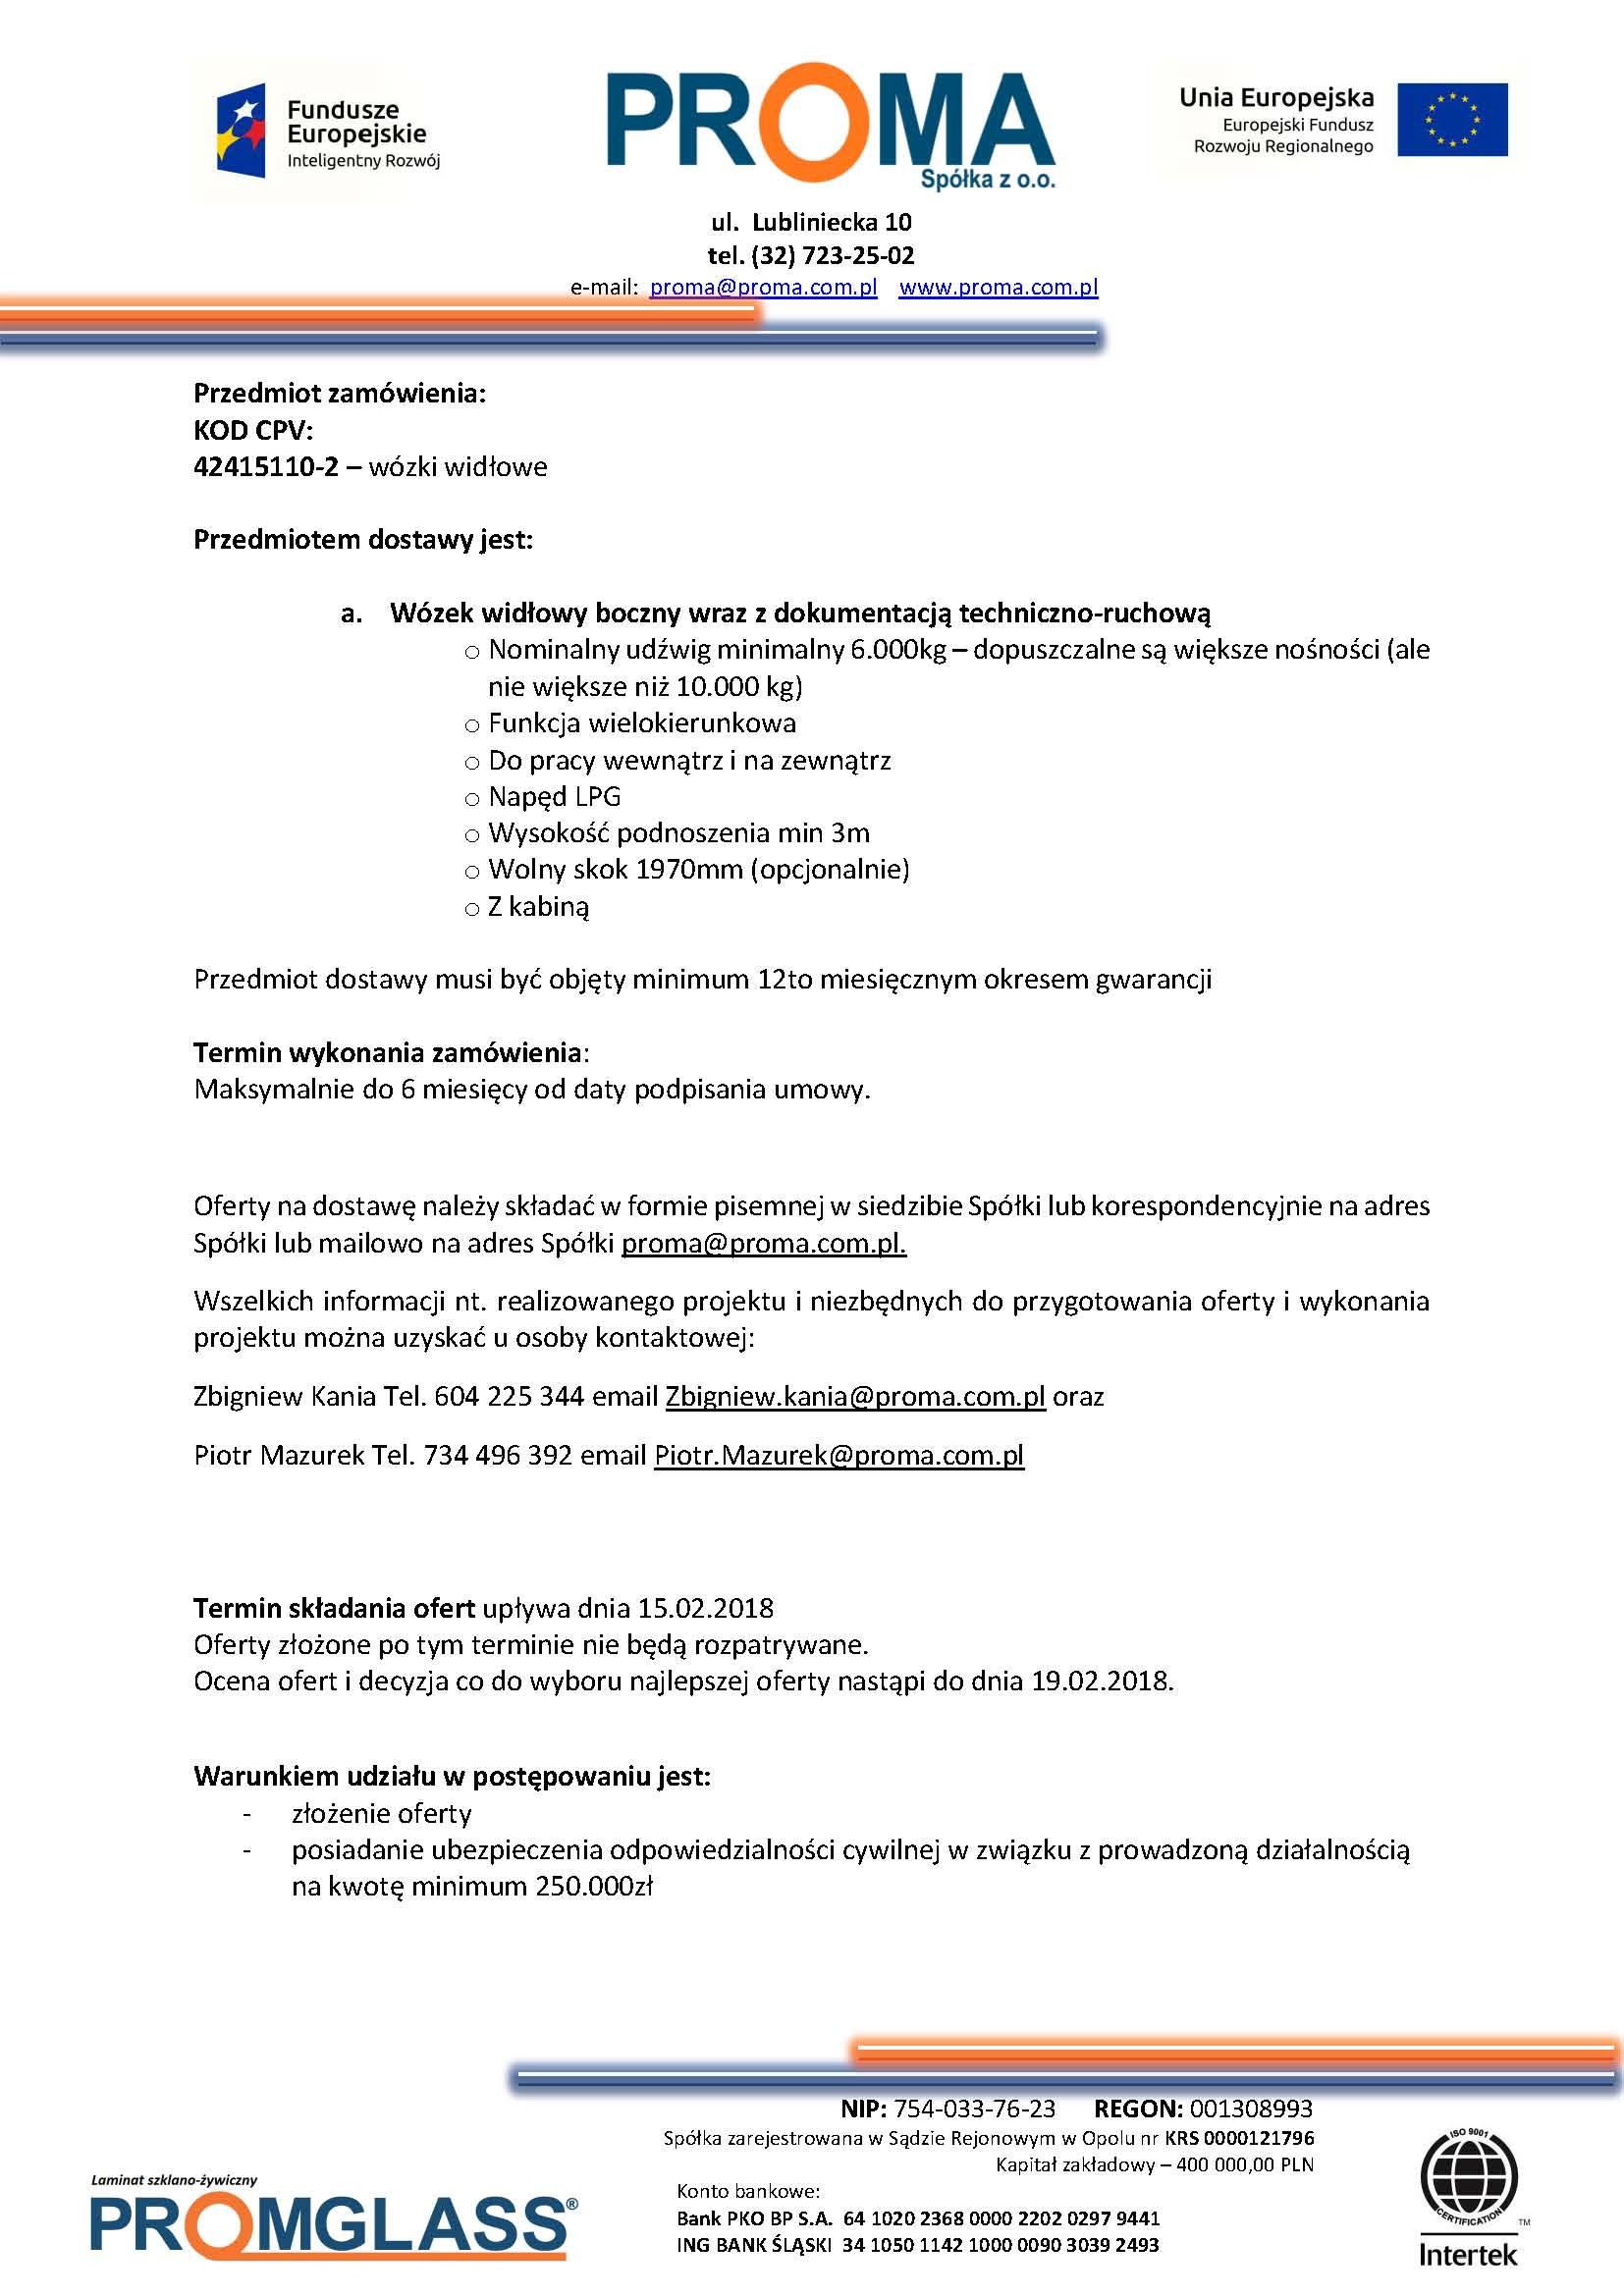 ZAPYTANIE_OFERTOWE_001_2018_Strona_2